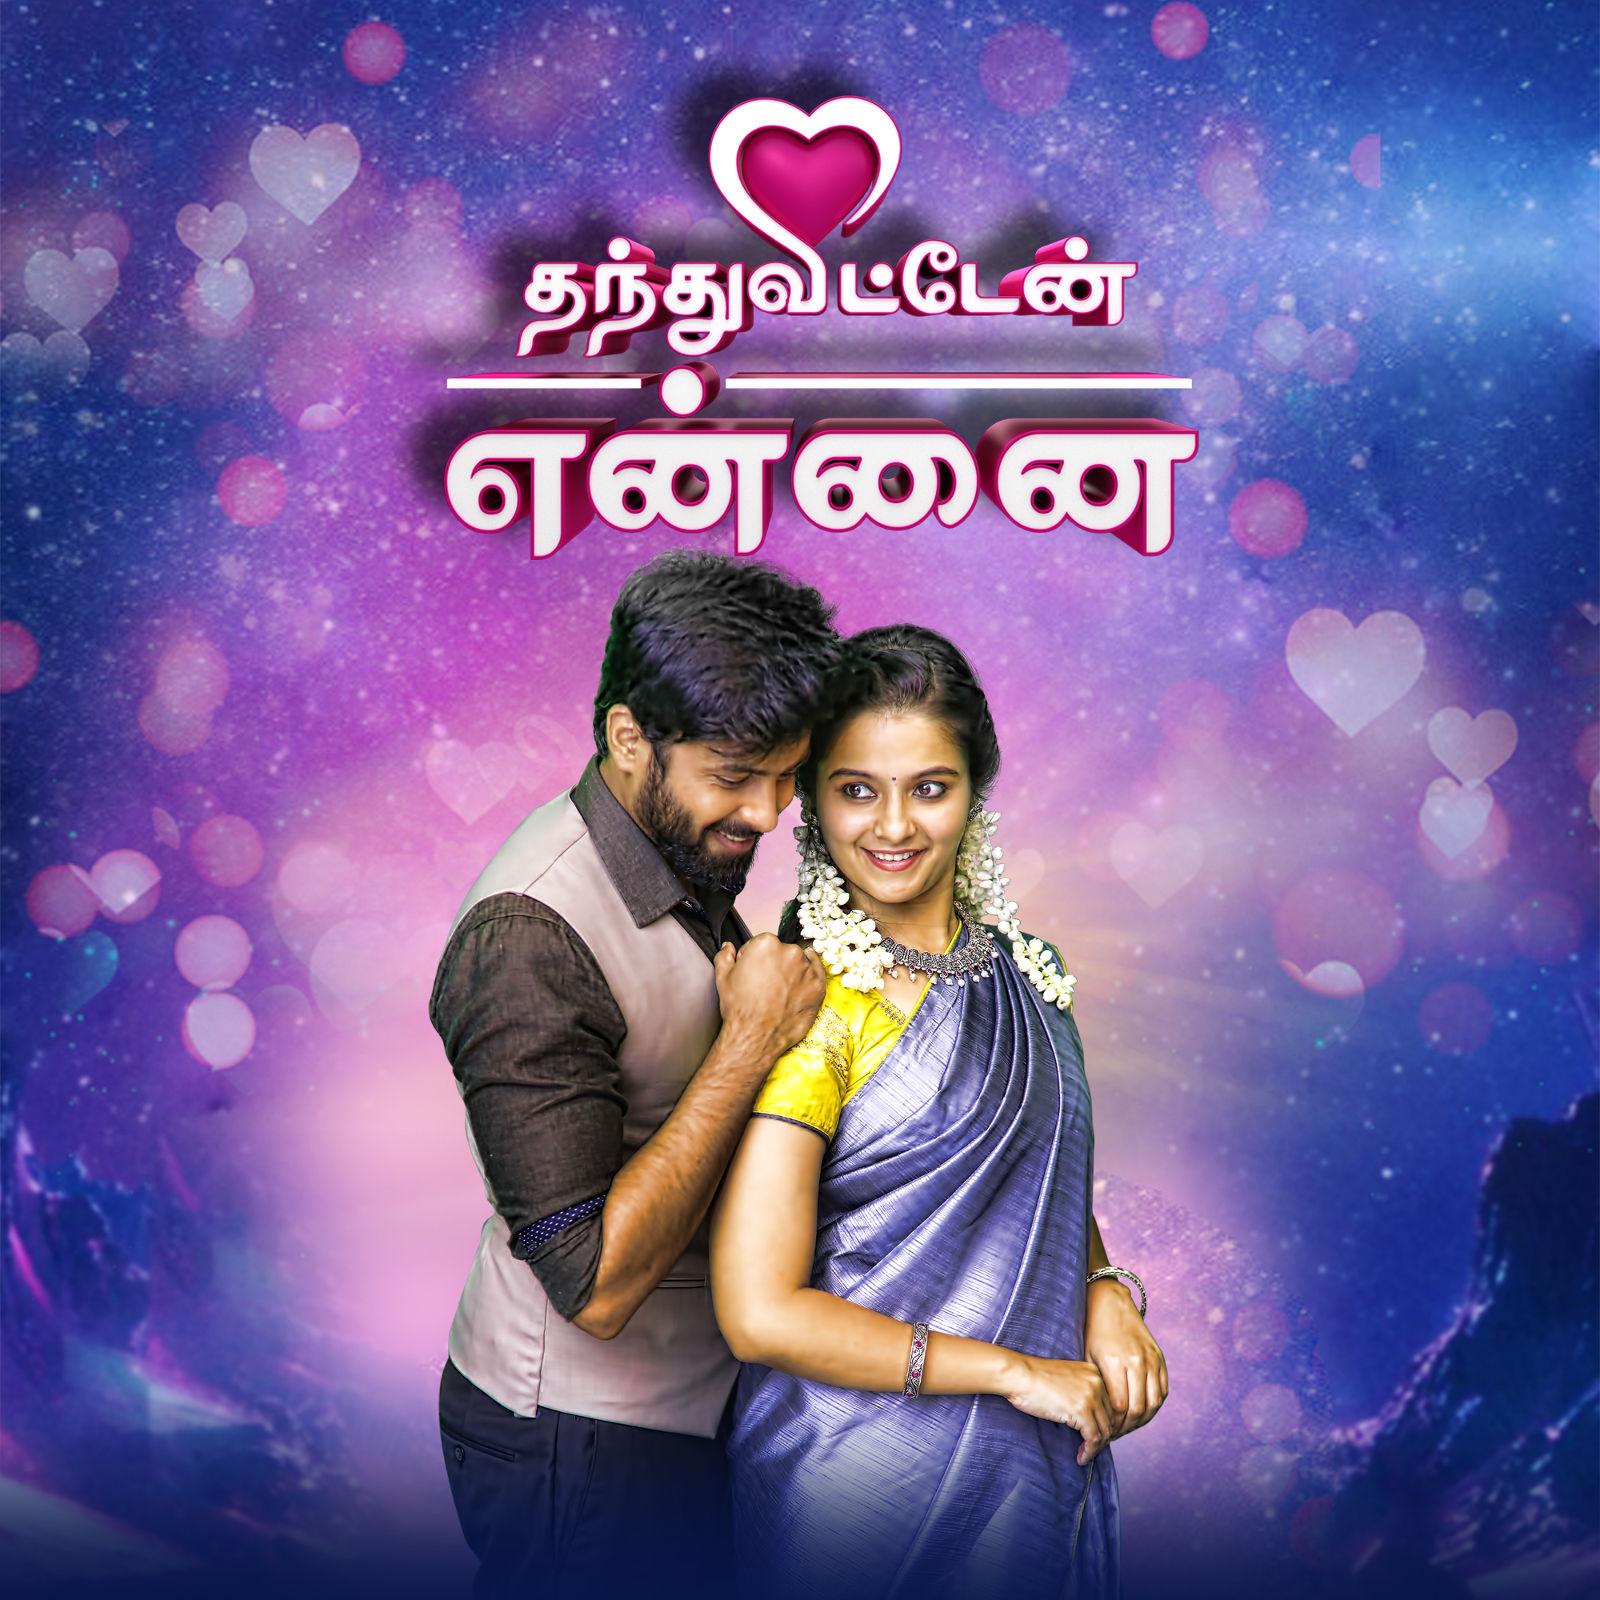 Thanthu vitten ennai web series download